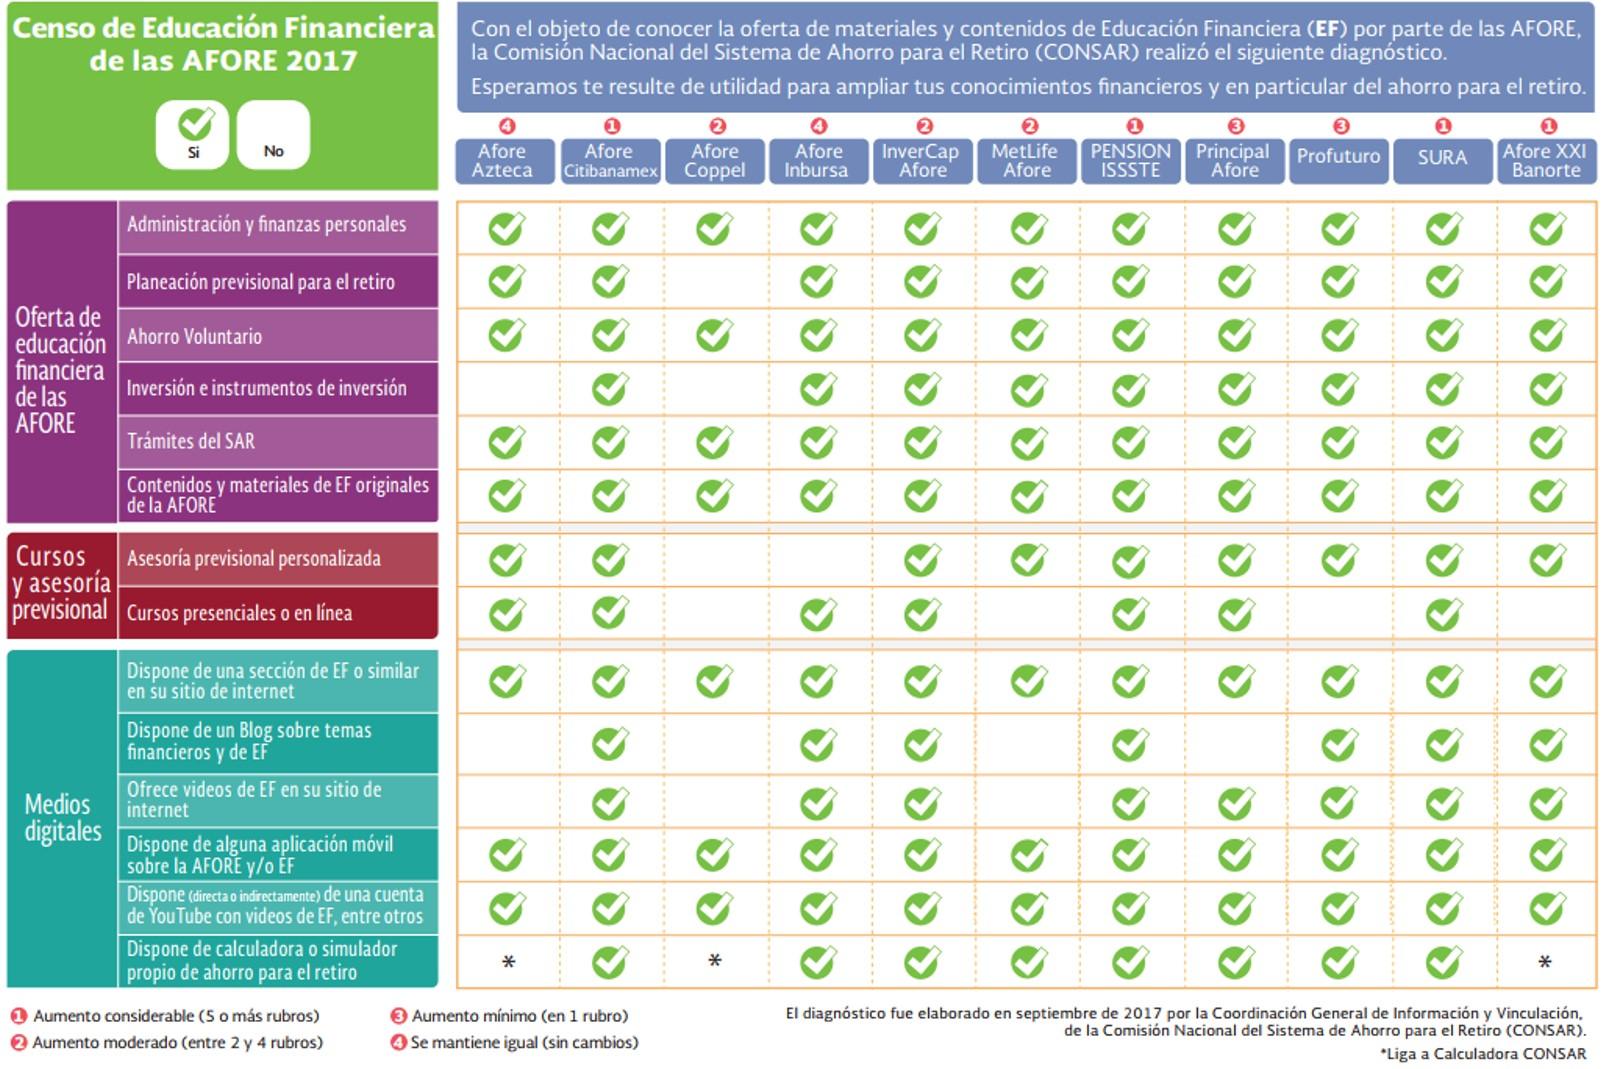 Censo de Educación Financiera